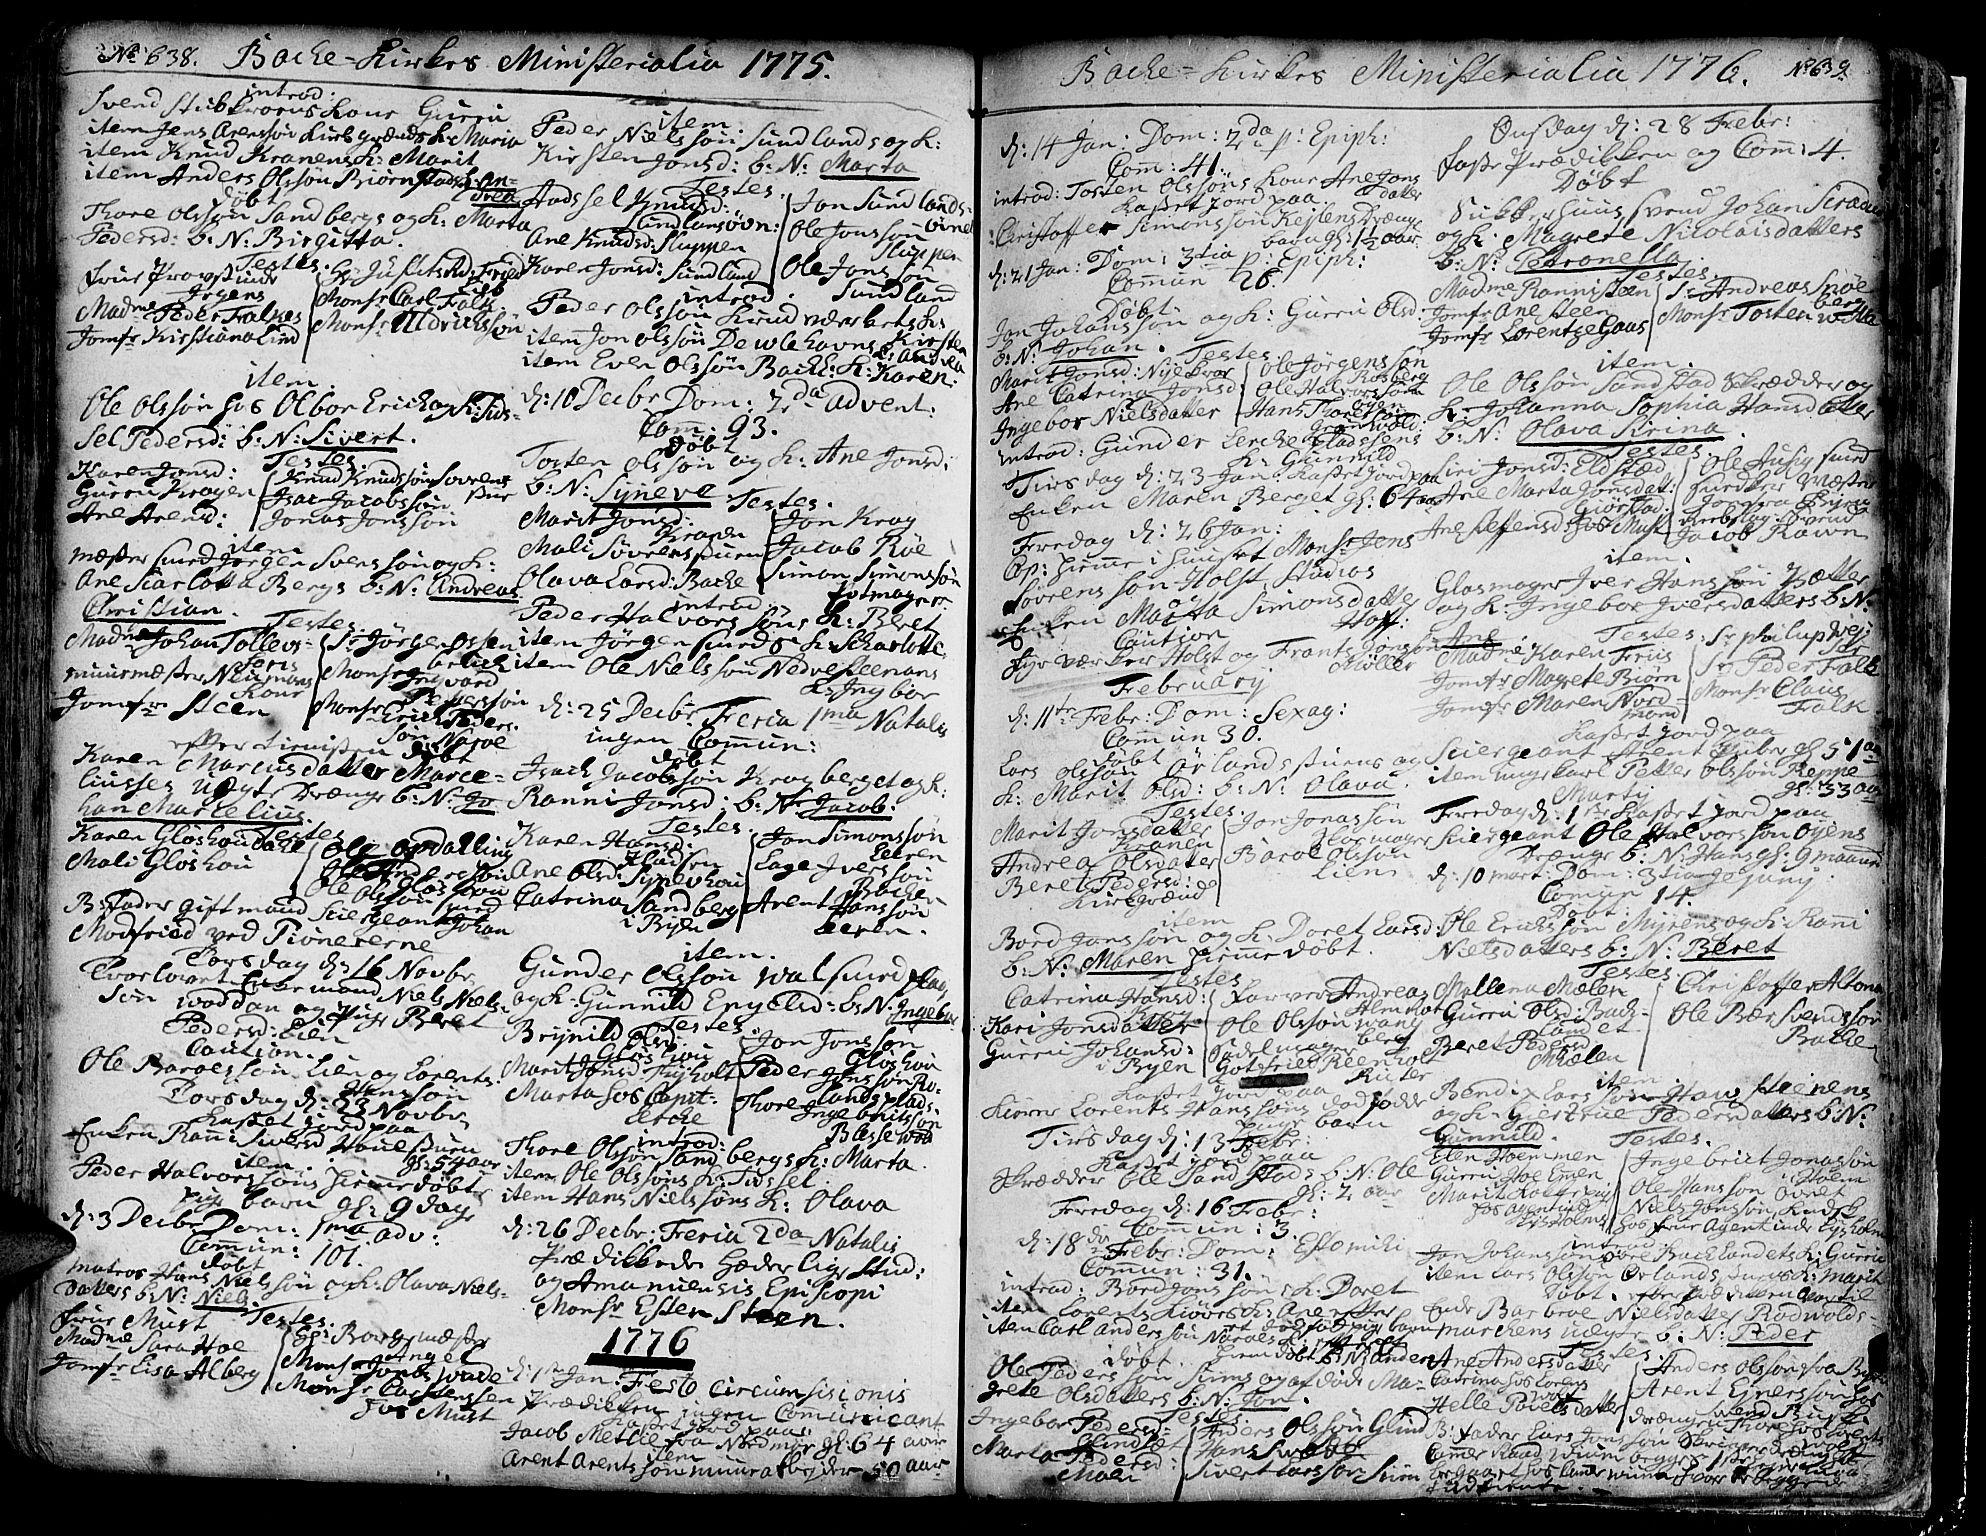 SAT, Ministerialprotokoller, klokkerbøker og fødselsregistre - Sør-Trøndelag, 606/L0276: Ministerialbok nr. 606A01 /2, 1727-1779, s. 638-639